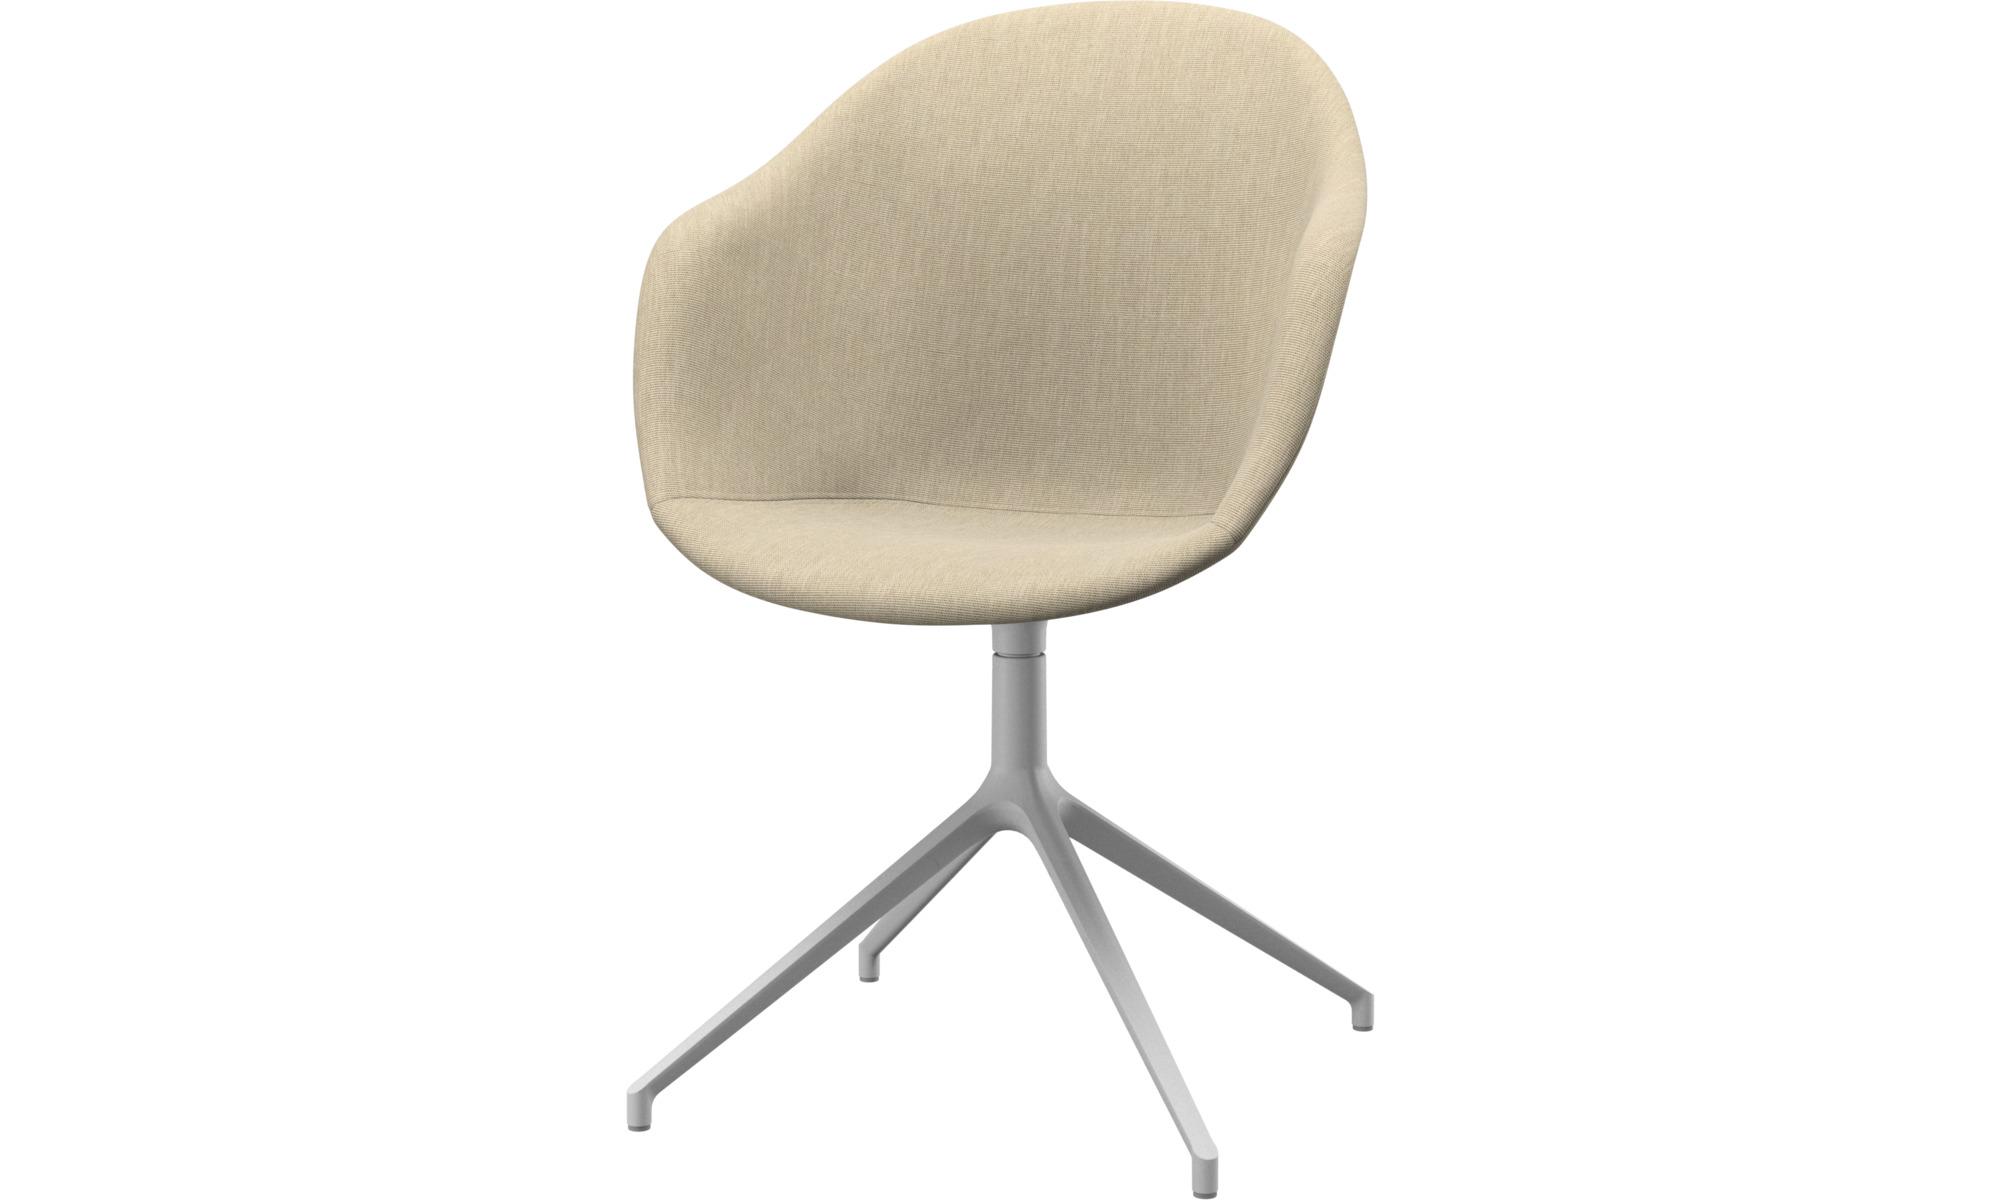 Home Office-Schreibtischstühle - Adelaide Stuhl mit Drehfunktion - Braun - Stoff